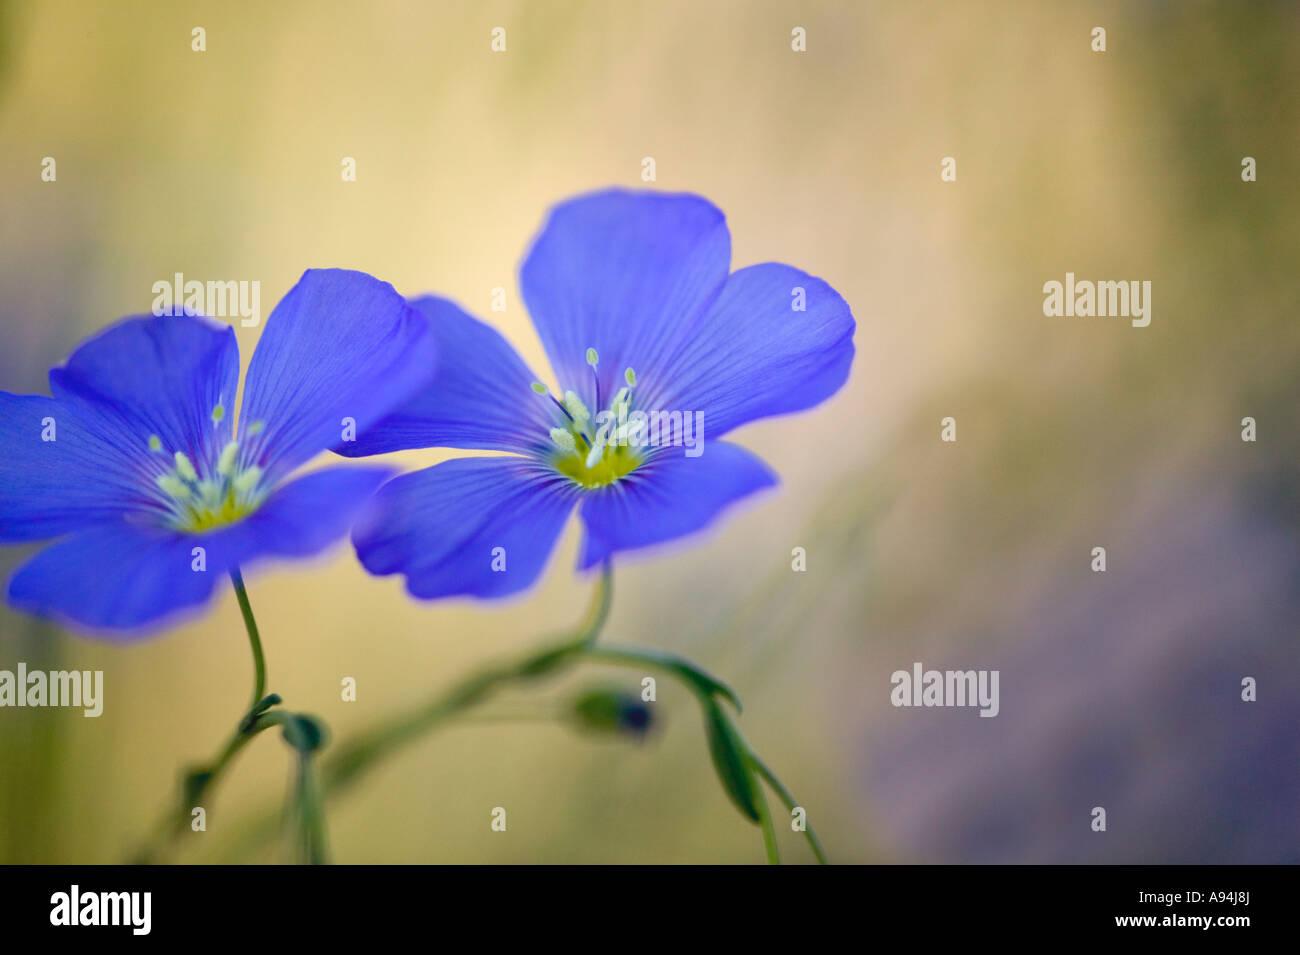 Flax flowers, springtime, Nevada - Stock Image